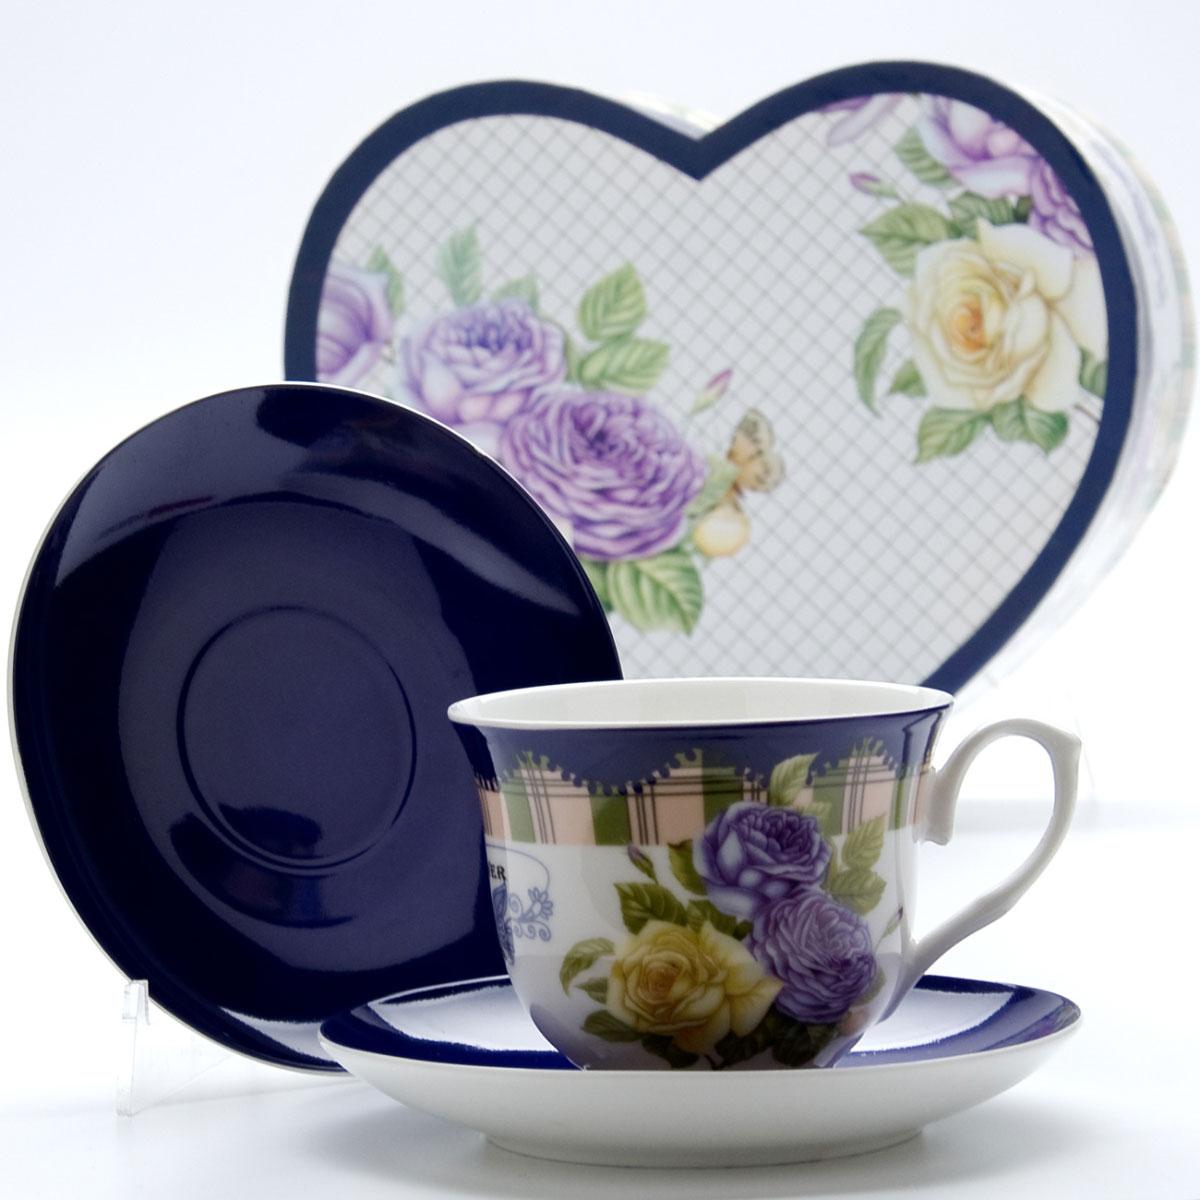 Чайная пара Mayer & Boch Розы, 4 предмета22990Чайный набор выполнен из высококачественного костяного фарфора и состоит из двух чашек, украшенных рисунком, и двух ярких цветных блюдец. Чашки имеют рельефную поверхность. Чайный набор упакован в подарочную коробку в форме сердца из плотного цветного картона.Объем чашки: 220 мл.